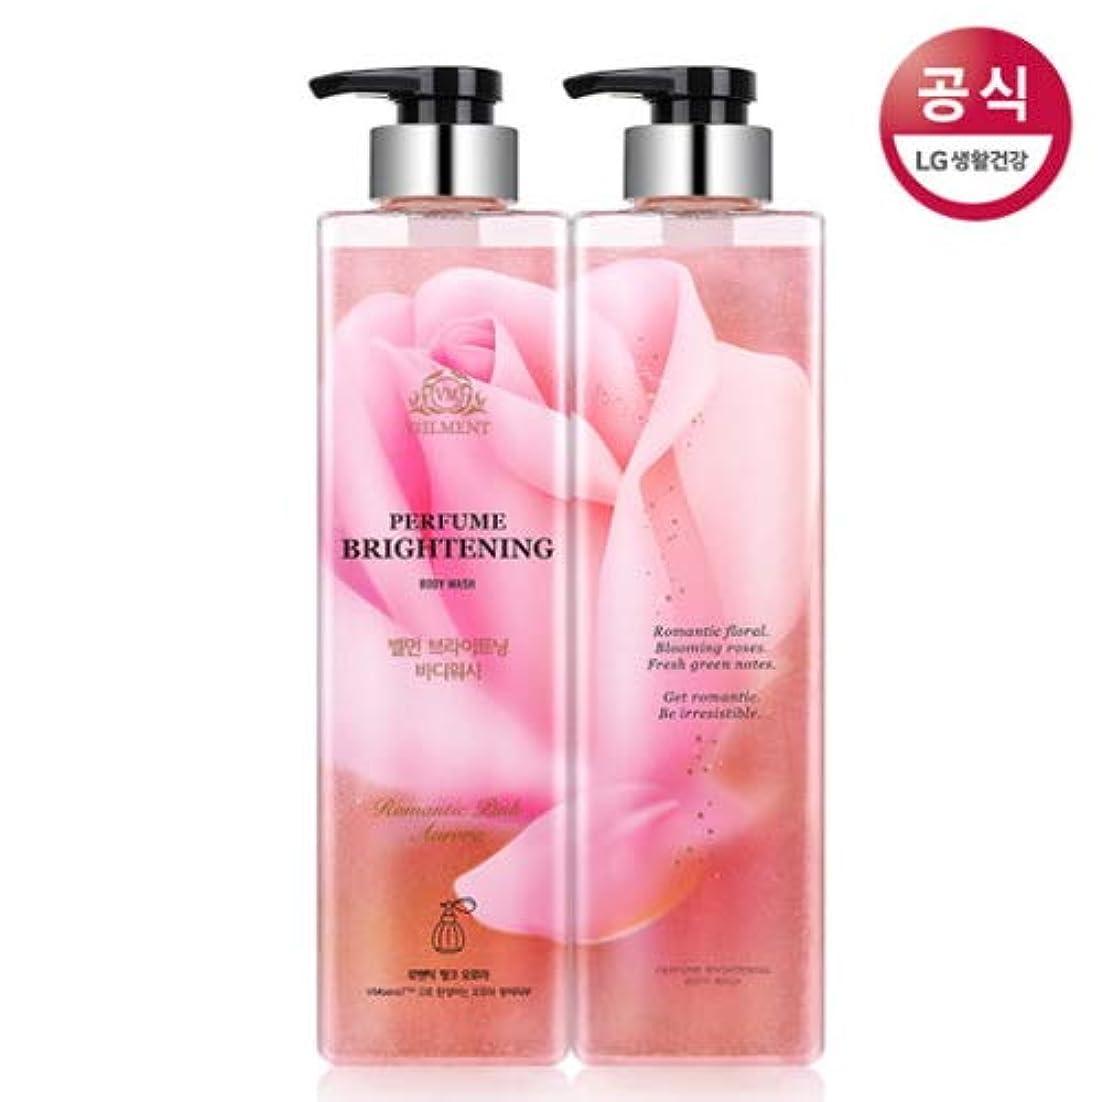 ミス寄稿者ねばねば[LG HnB] On the Body Belman Perfume Brightening Body Wash / オンザボディベルモンパフュームブライトニングボディウォッシュ680mlx2個(海外直送品)